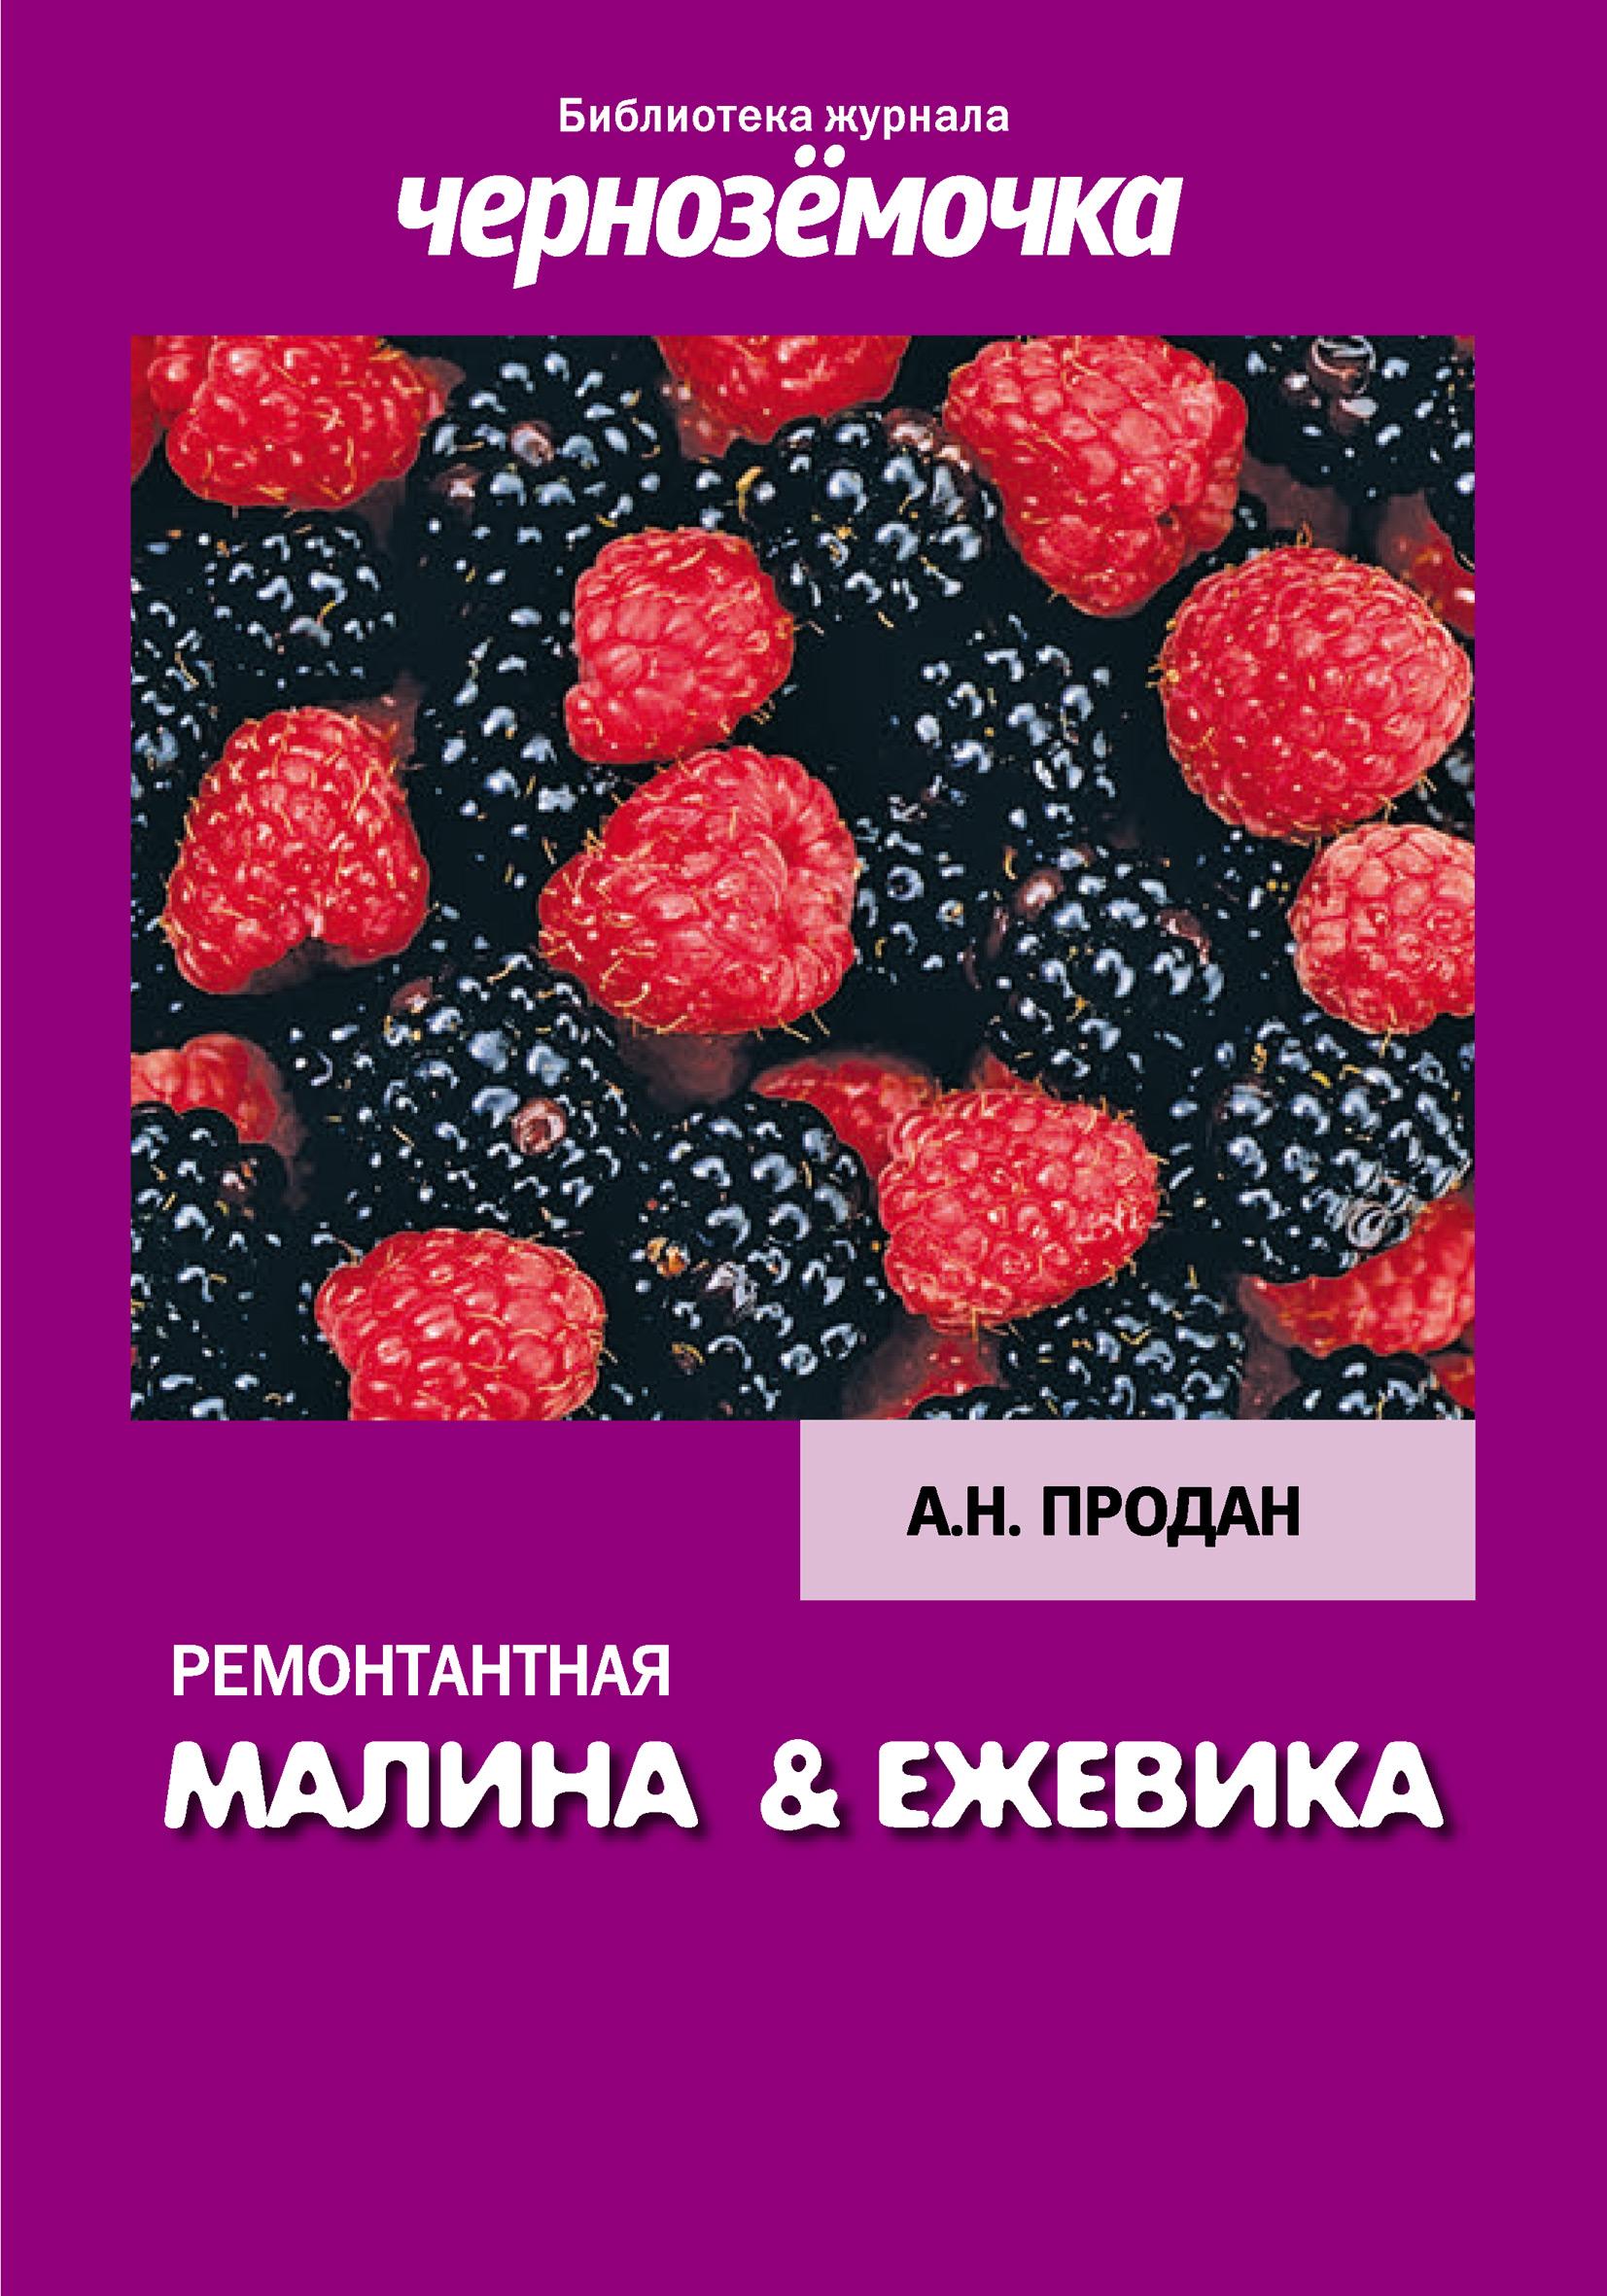 А. Н. Продан Ремонтантная малина и ежевика мебель черноземья каталог